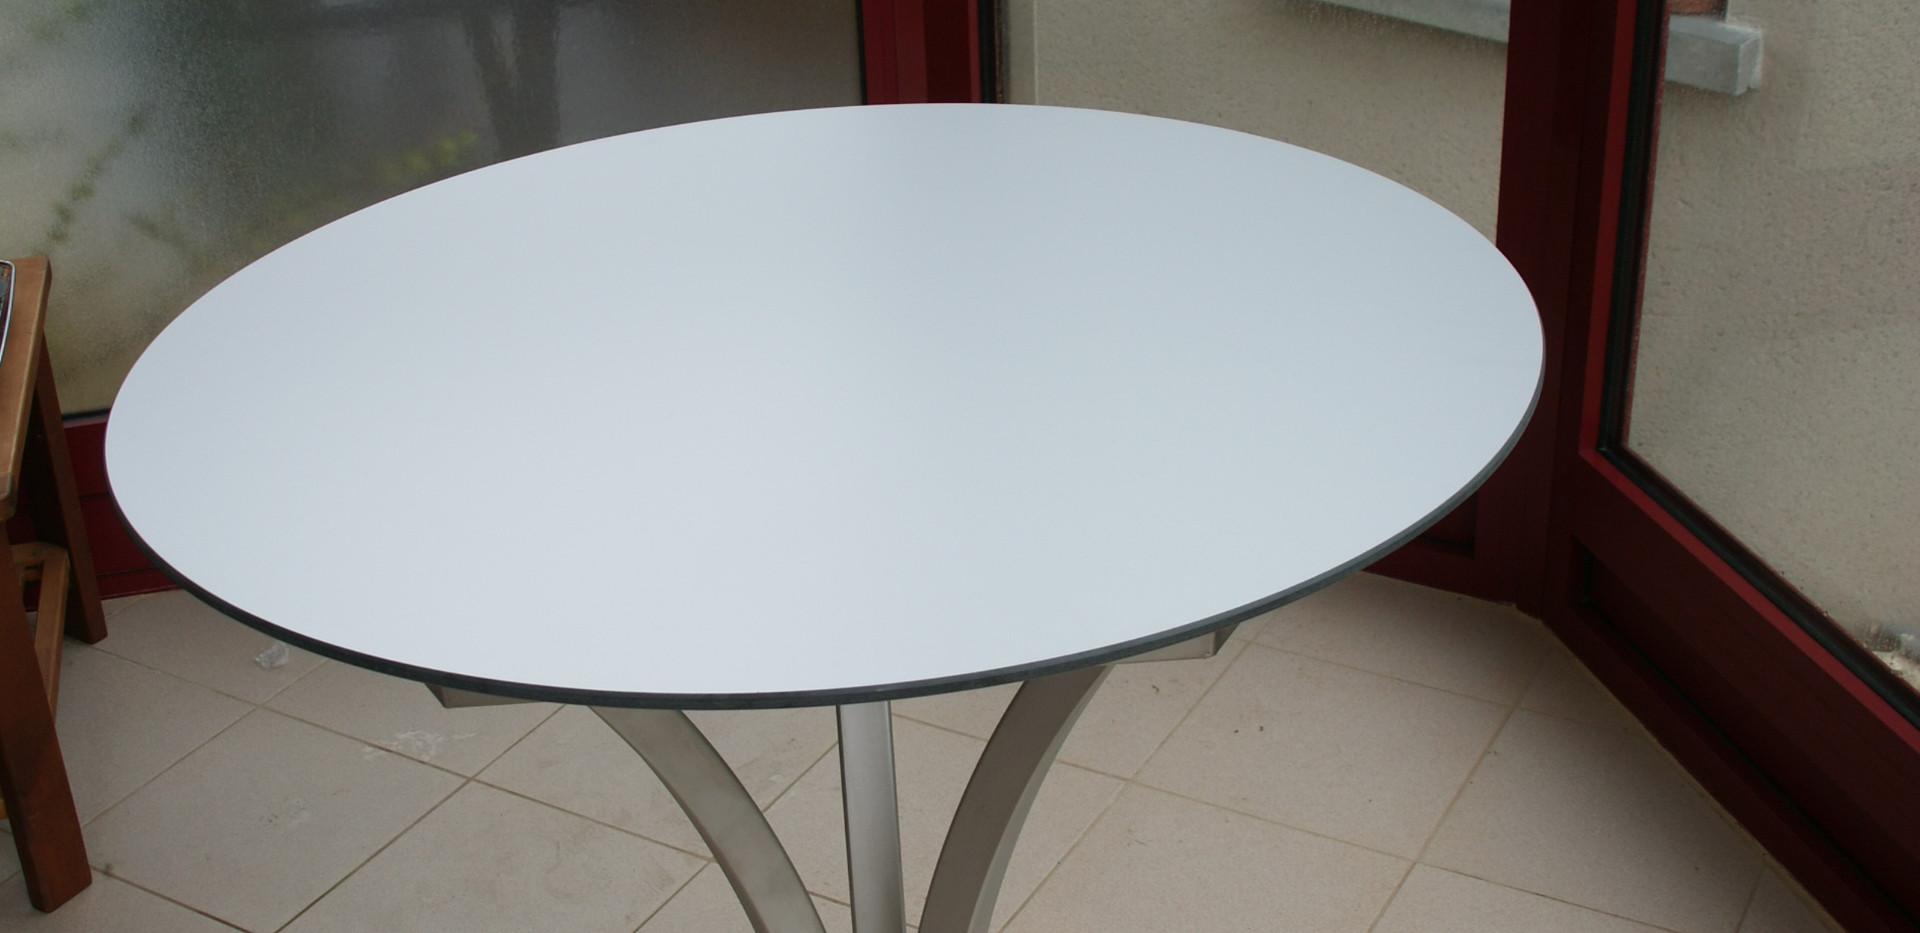 Table ronde pied central bombé inox